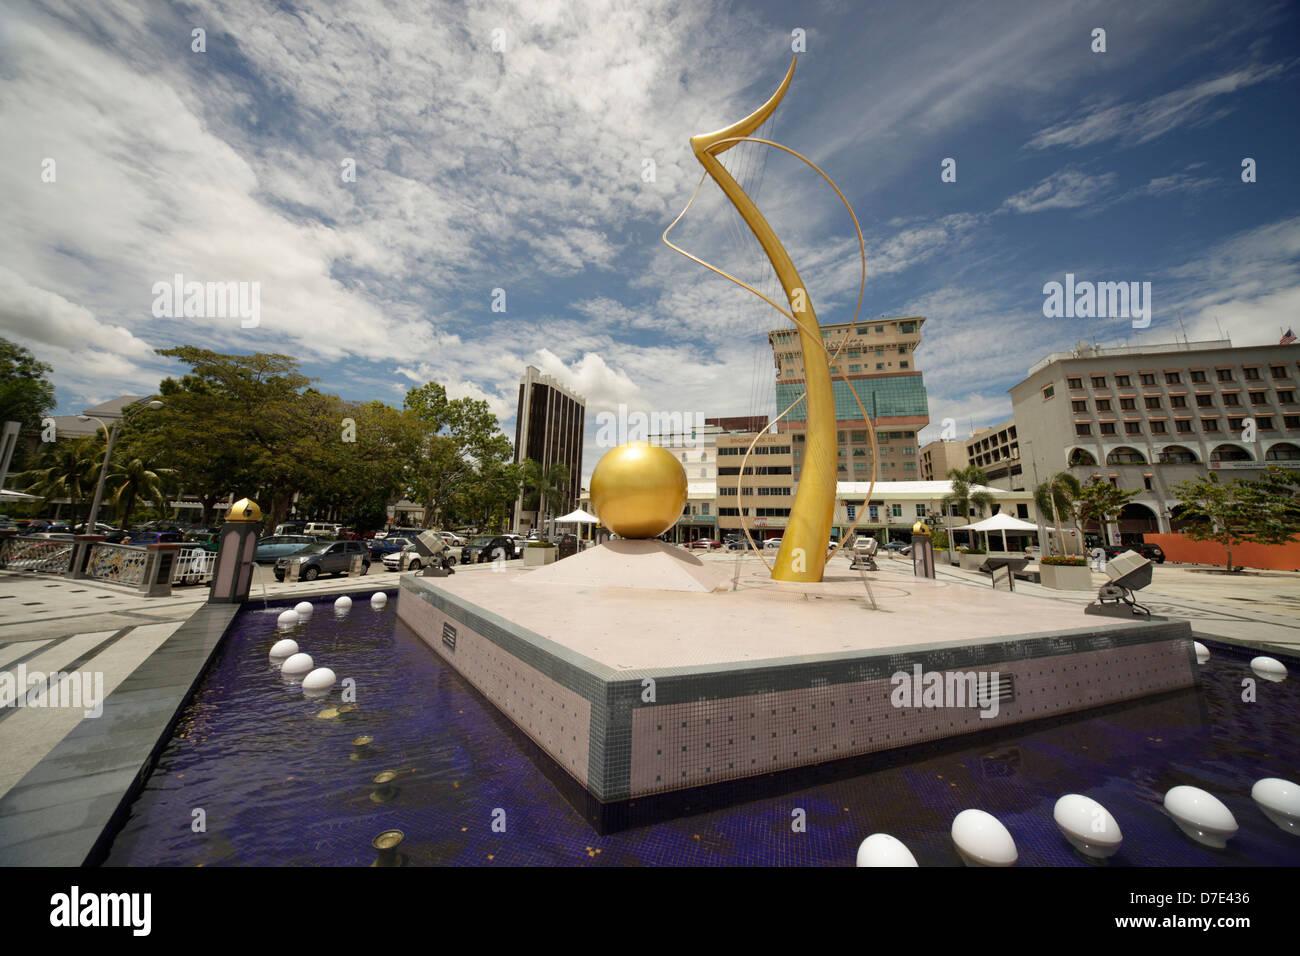 Un monumento sul fiume nella città capitale Bandar Seri Begawan, Brunei, Asia Immagini Stock